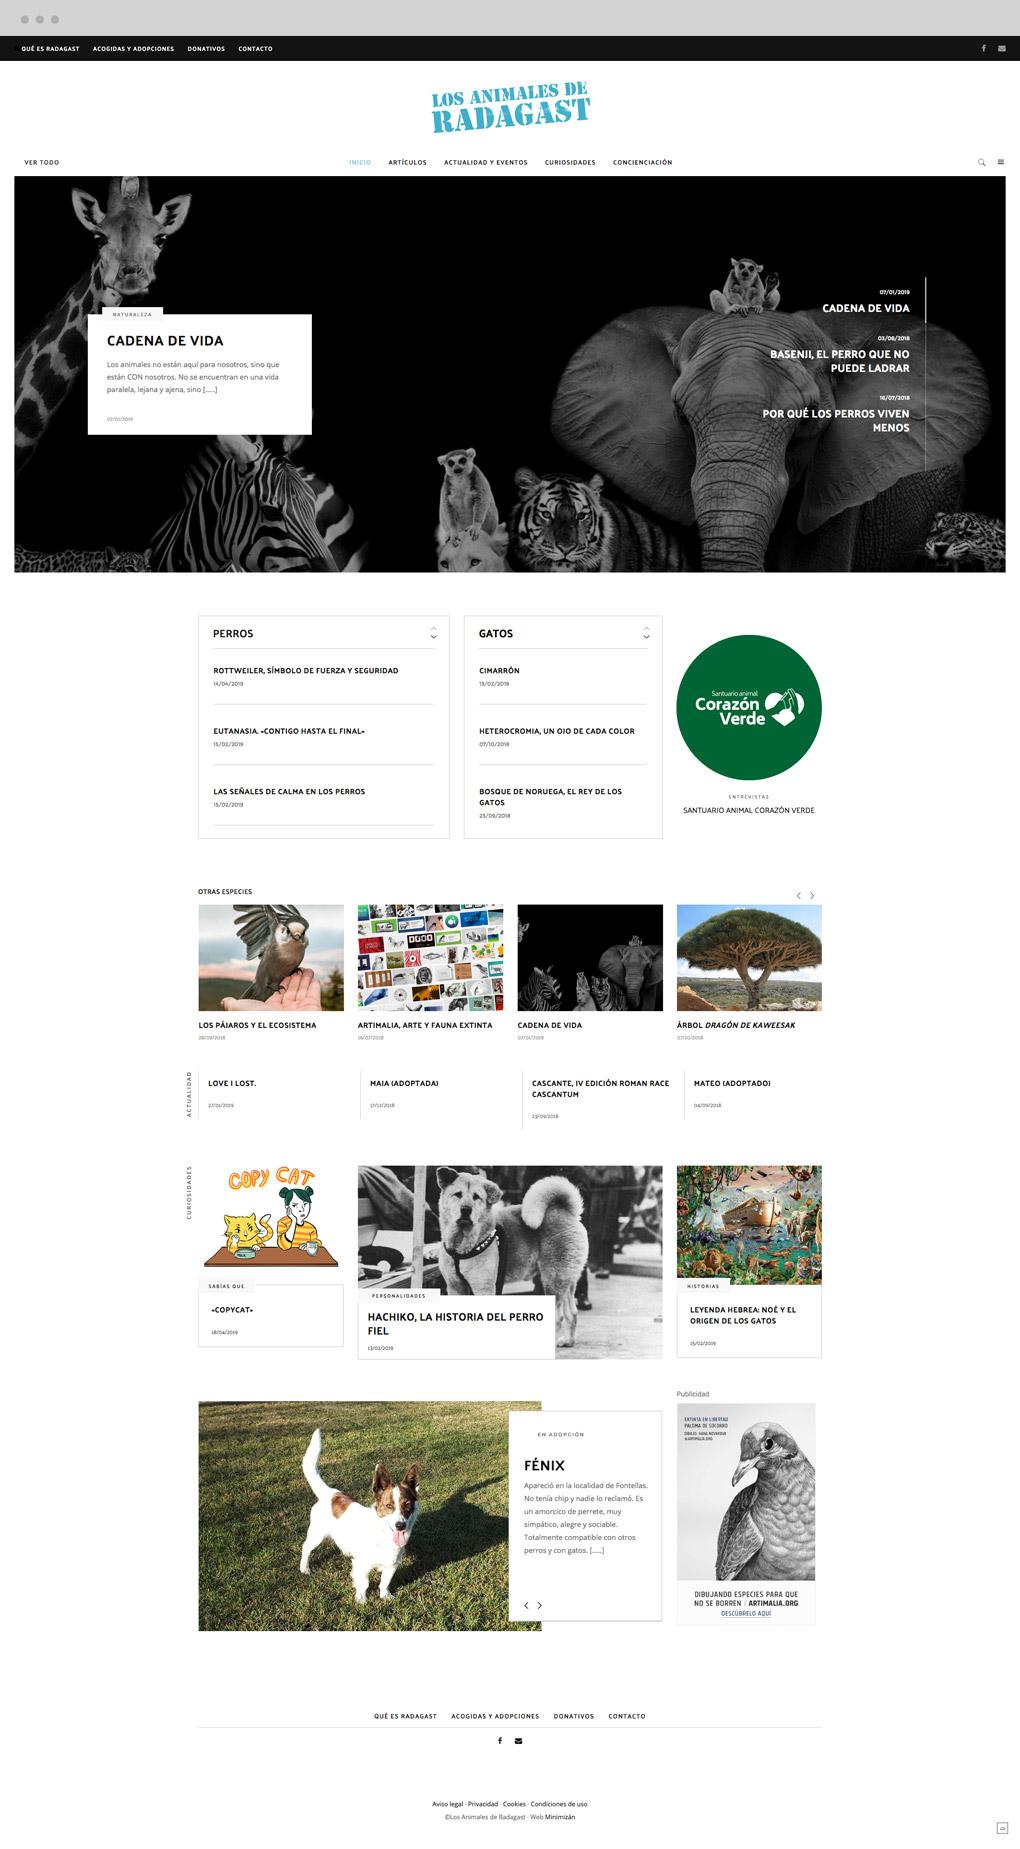 presentación de diseño de magazine electrónico dedicado a los animales y la naturaleza pantalla de inicio